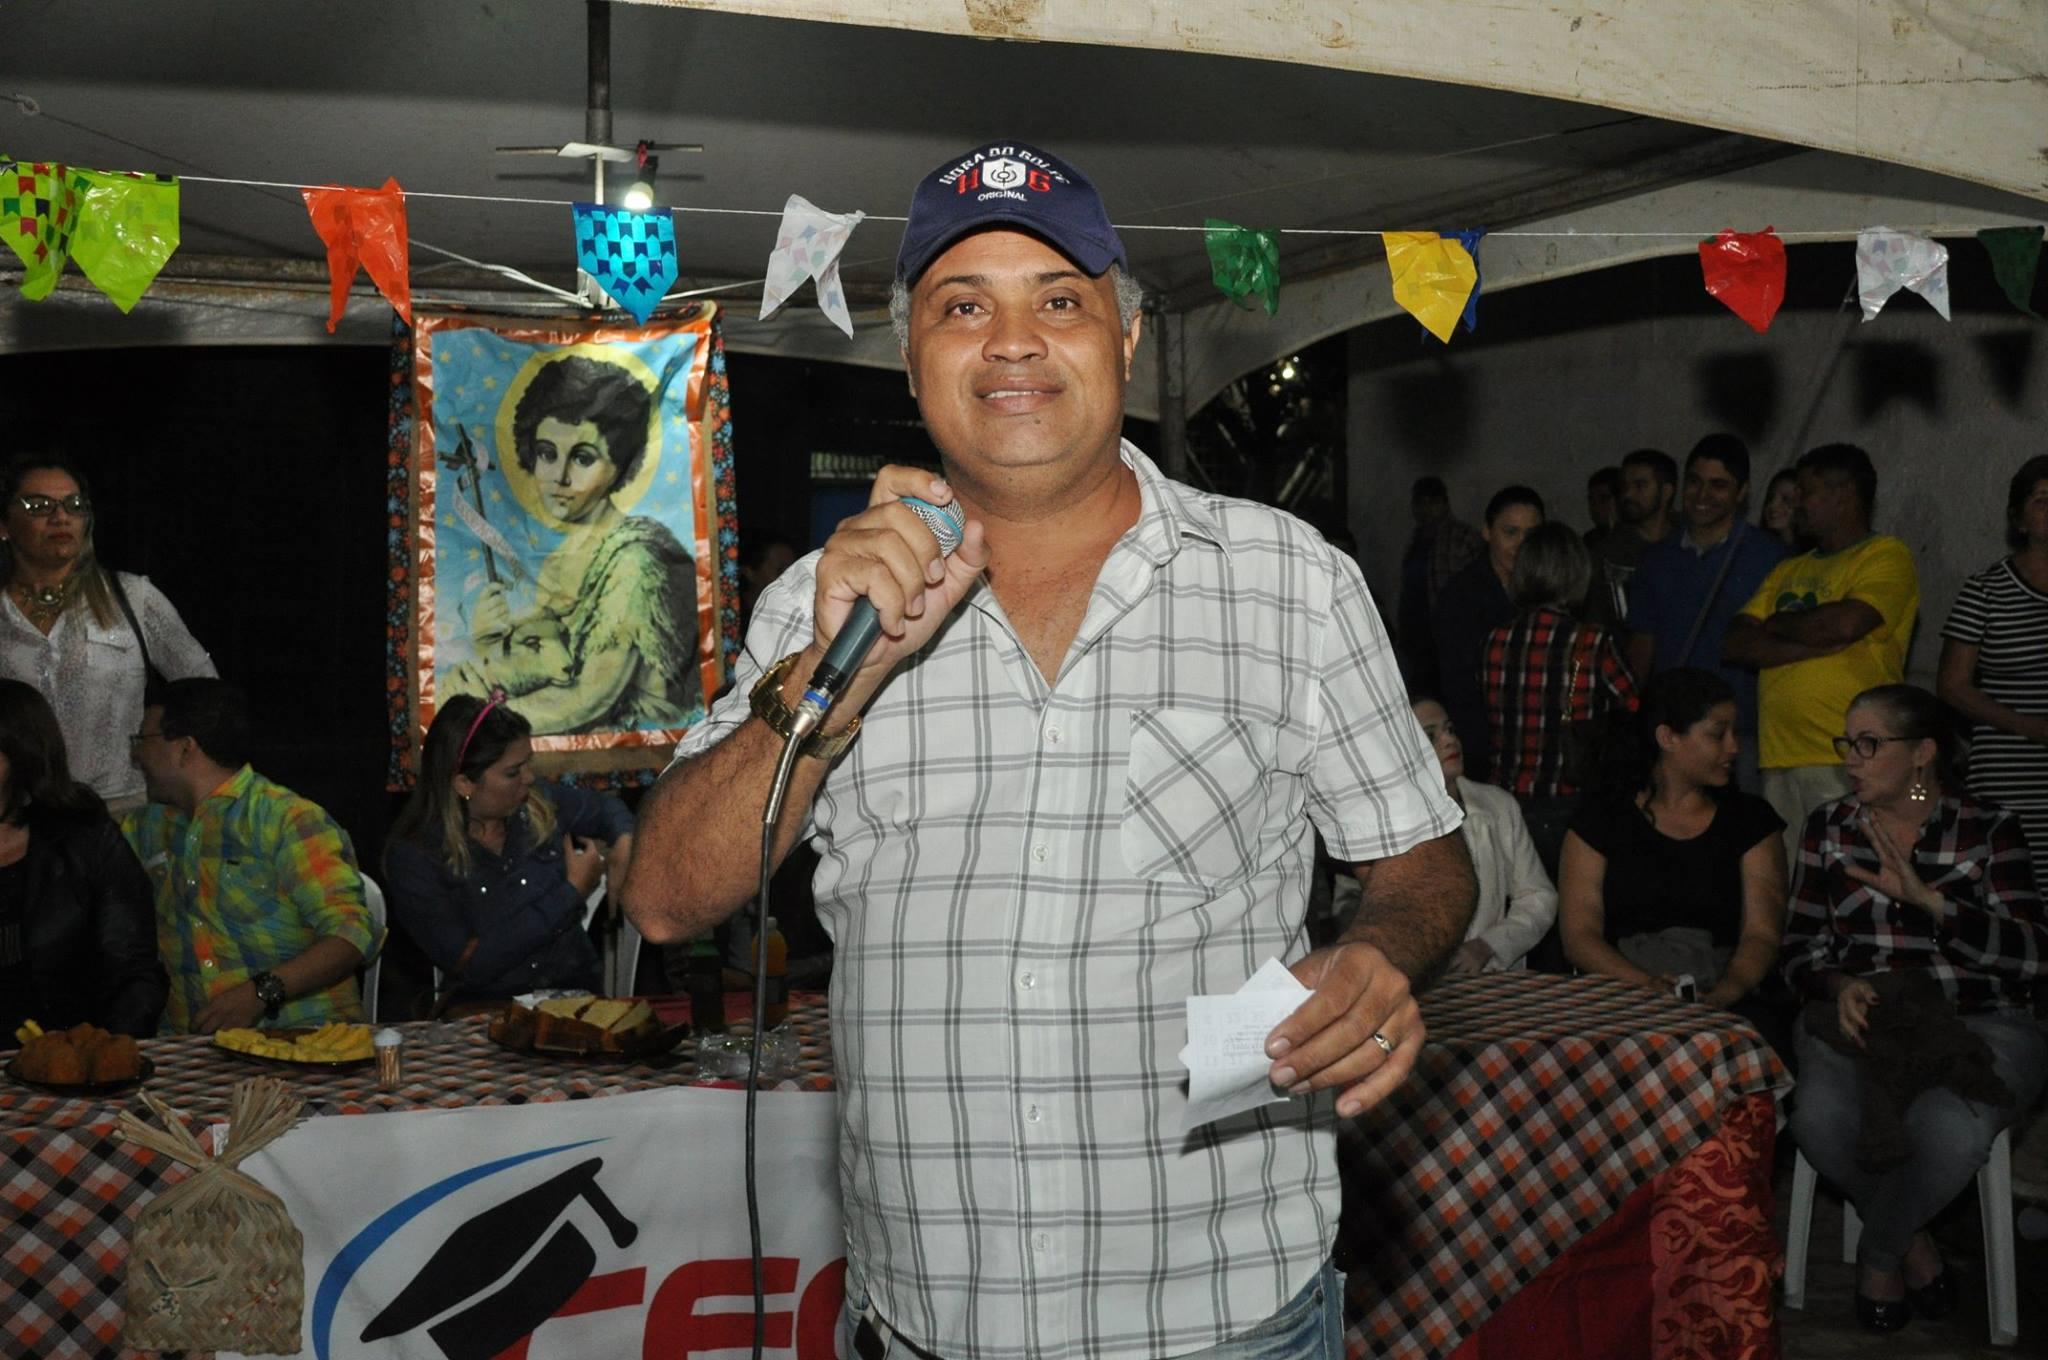 19092600_1899326877007169_1957927441372552933_o-1024x680 OPIPOCO mostra como foi a Segunda noite do festival de quadrilhas em Monteiro. Confira Imagens